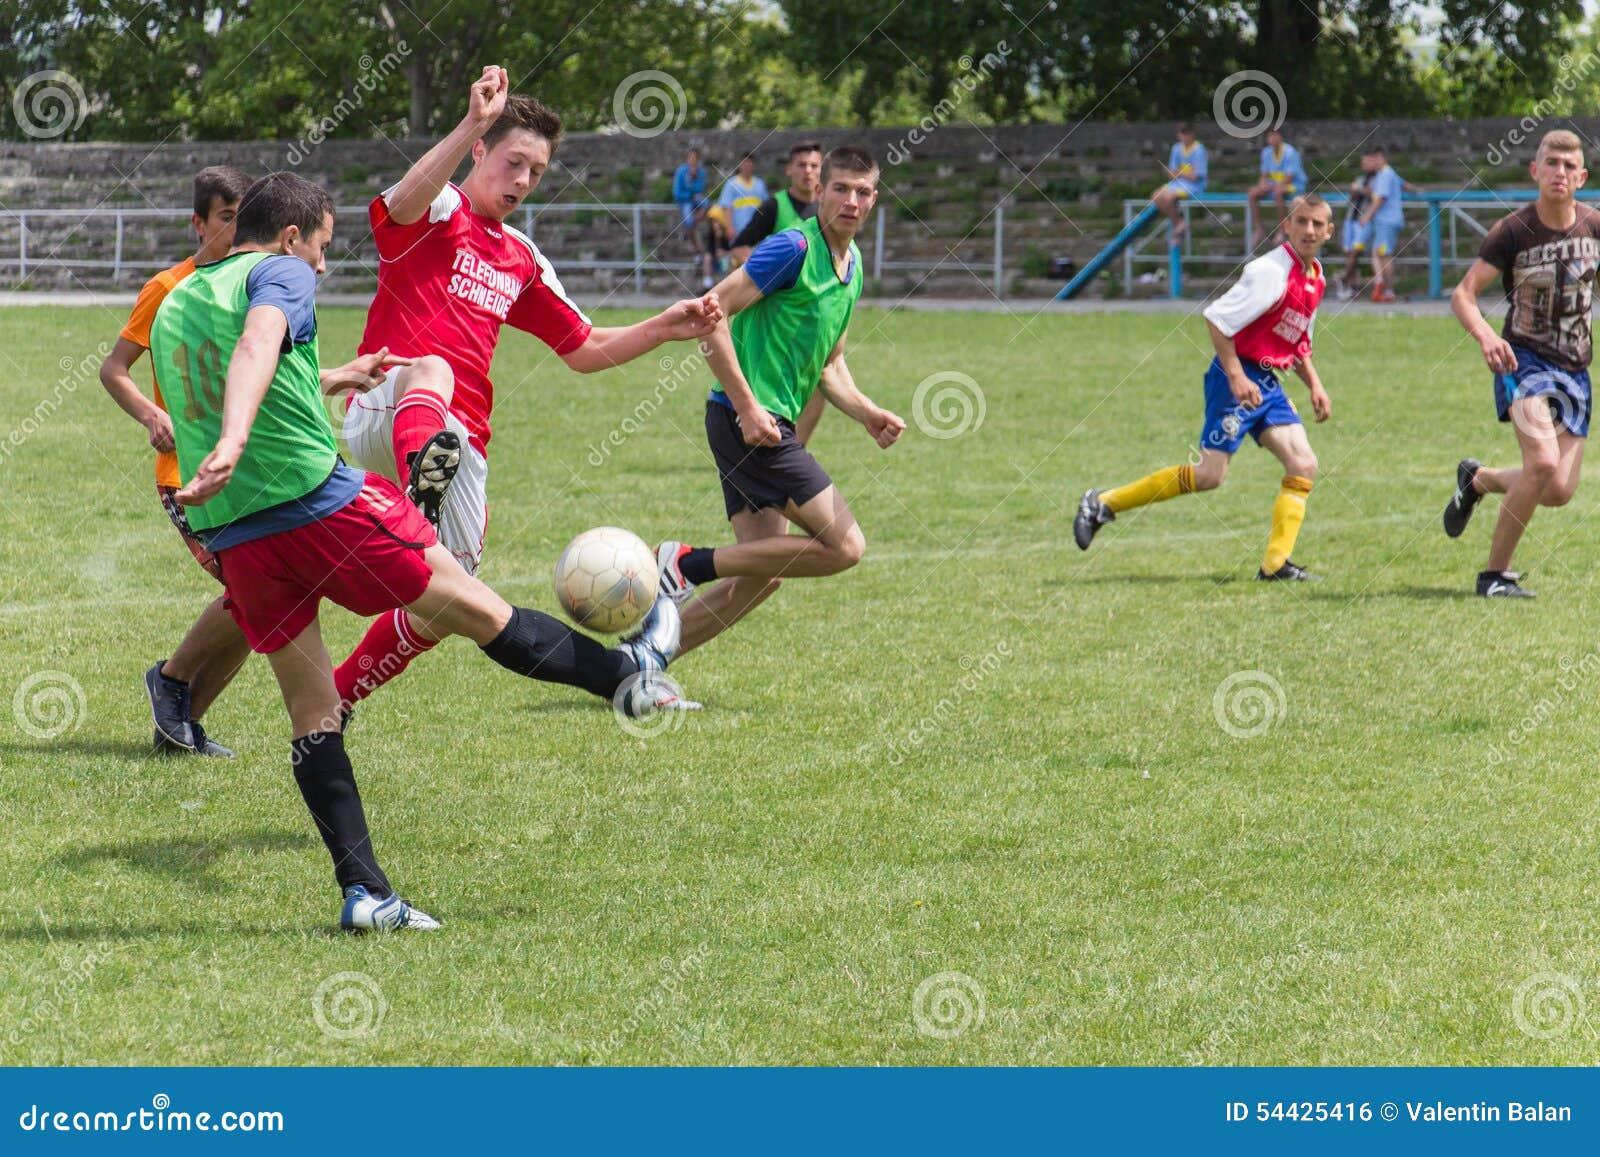 Amateur Football Teams 2